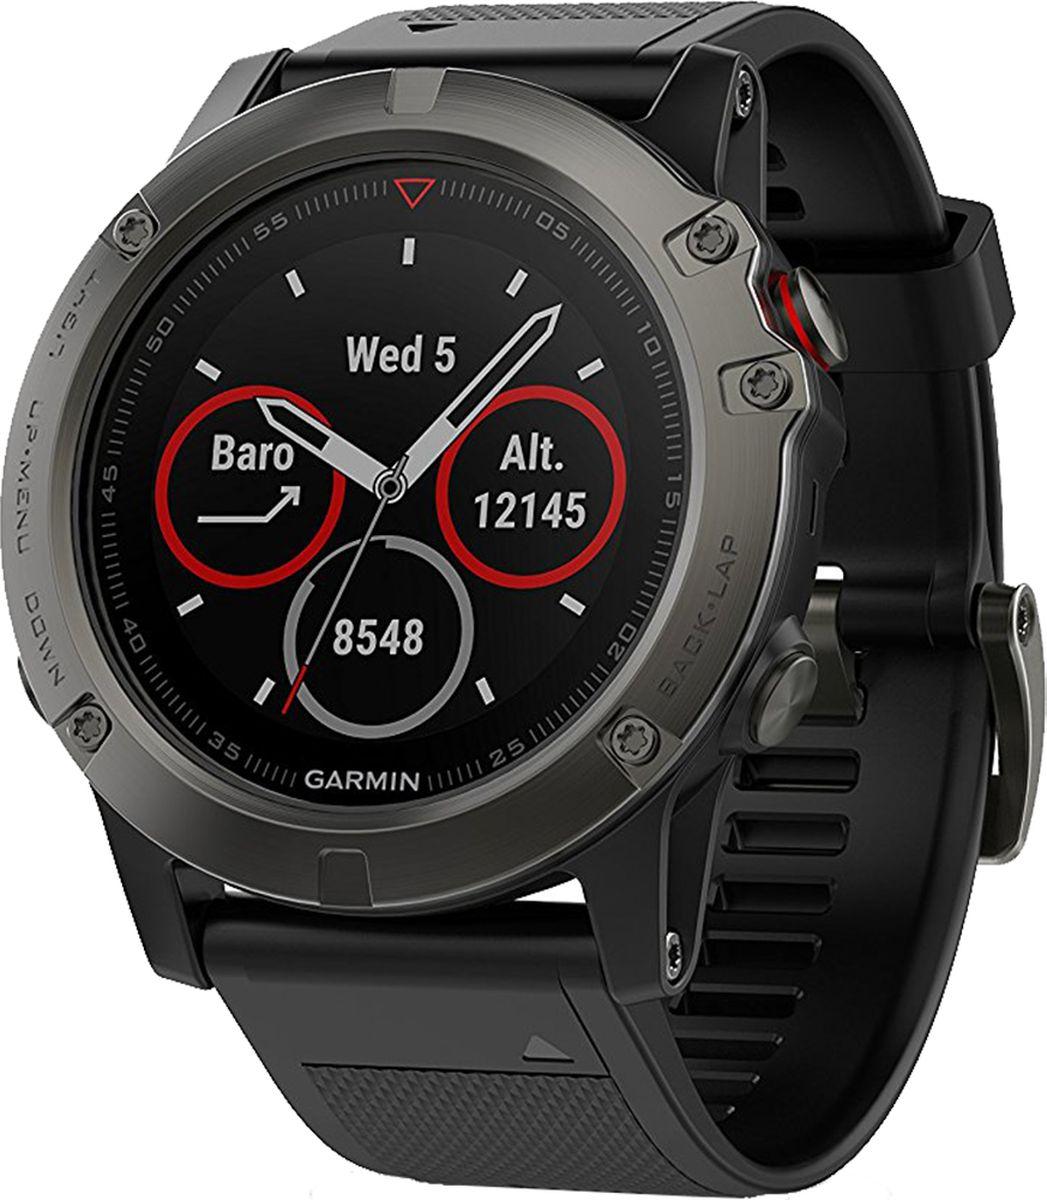 Часы спортивные Garmin Fenix 5X Sapphire, цвет: серый. 010-01733-01010-01733-01Мультиспортивные часы с GPS/ГЛОНАСС для путешествий с топографическими картамиFenix 5Х туристические часы (51мм) серые с черным ремешком, сапфировым стеклом и Wi-FiПредустановленная топографическая картаПремиум-часы с GPS/ГЛОНАСС, мультиспортивными тренировками и встроенным оптическим пульсометром Elevate1Созданы для активных приключений: прочный корпус со стальным безелем, кнопками и задней крышкой, защита от воды 100мВиджеты, которые показывают эффективность ход тренировок доступны одним касаниемСмарт функции2 - интеллектуальные оповещения, автоматическая загрузка в интернет-сообщество Garmin Connect и персонализация через загружаемые бесплатные циферблаты и приложения из магазина Connect IQВстроенные датчики: GPS и ГЛОНАСС, 3-х осевой магнитный компас, гироскоп, термометр, барометр и барометрический высотомерСрок работы от батареи: до двух недель в режиме умных часов (зависит от настроек), до 24 часов в режиме тренировки с GPS или до 60 часов в режиме экономии UltraTracСовершенствуйтесь весь день, каждый день. Fenix 5 - это высококачественные умные GPS-часы с мультиспортом, интеллектуальными уведомлениями2 и встроенным оптическим пульсометром на запястье1. Улучшенные функции фитнеса и быстросменные ремешки, которые позволяют вам уйти с рабочего места на тренировку, без задержек. Каким бы видом спорта вы не занимались, Fenix 5 его поддерживает, благодаря встроенным профилям деятельности и показателям производительности.Две системы навигацииFenix 5 оснащен улучшенным спутниковым приемником GPS и ГЛОНАСС для отслеживания местоположения в сложных условиях. Вы можете рассчитывать на длительное время автономной работы в каждом режиме работы (конкретное время зависит от модификации часов и настроек). Защита от воды 100м позволит вам с уверенностью путешествовать везде, где захочется.Отличная читаемость на ходуЯркий полноцветный дисплей Garmin Chroma Display со светодиодной подсветкой обеспечи